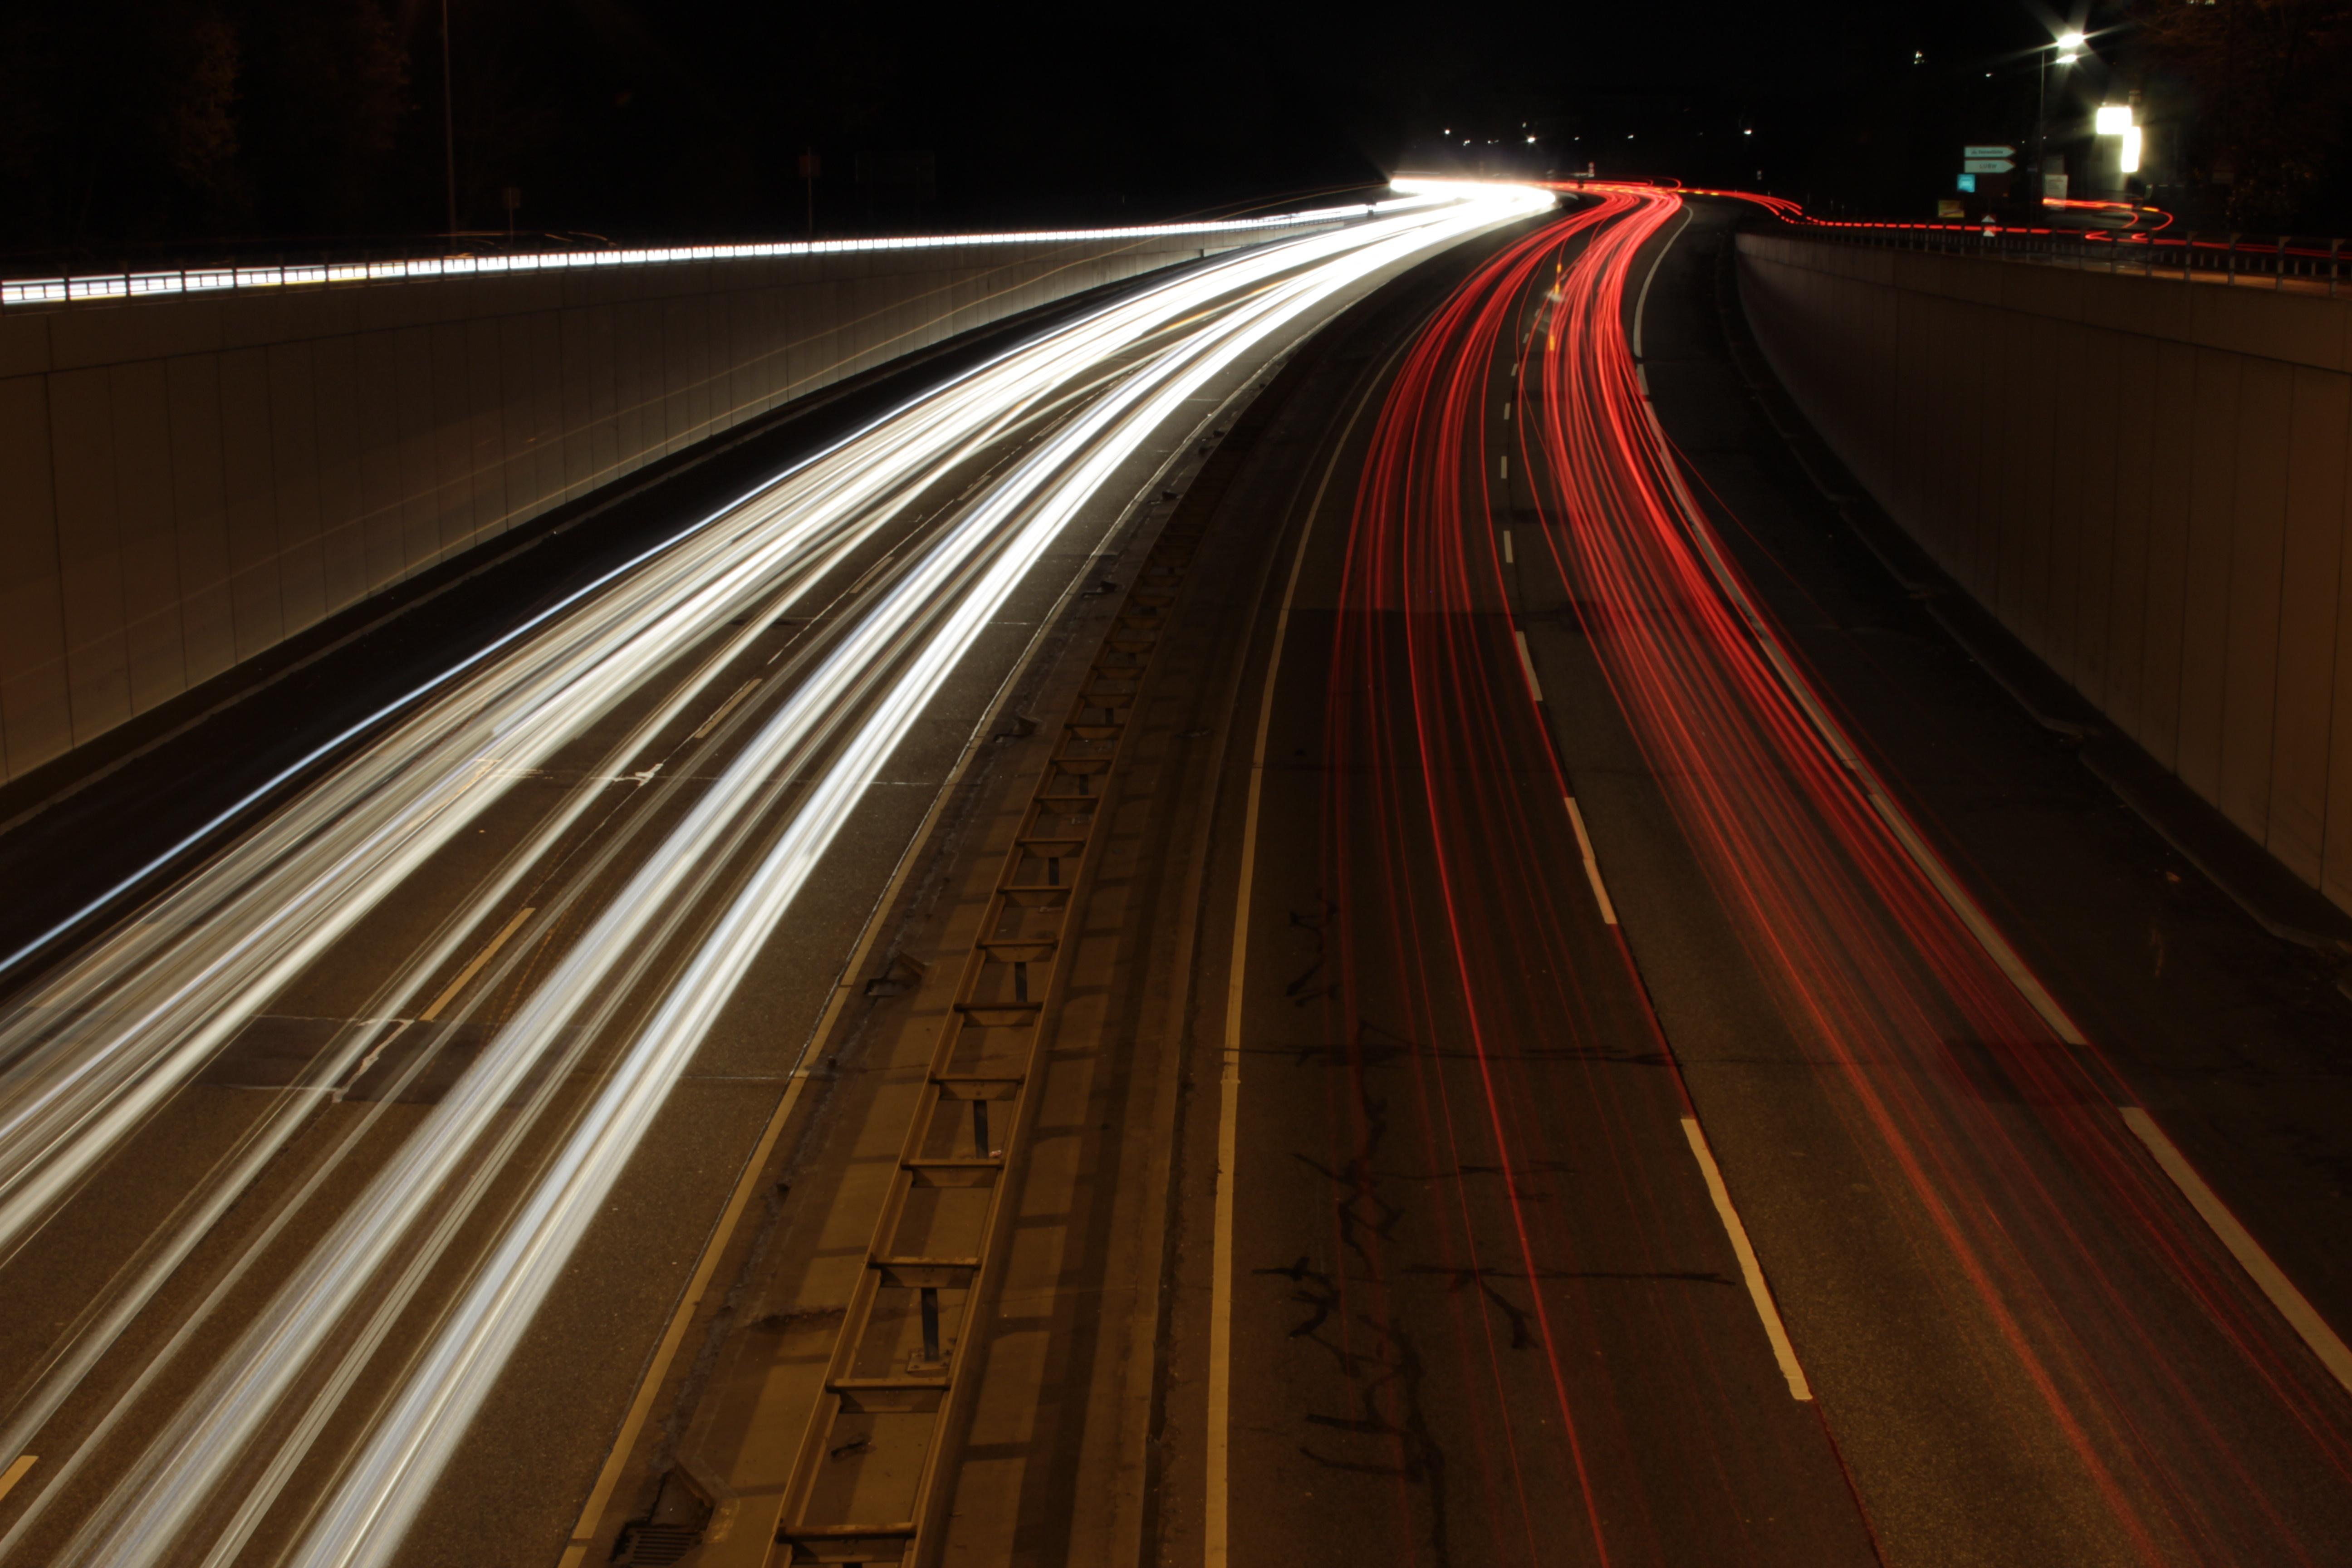 Szybki i niezawodny Internet bez ograniczeń